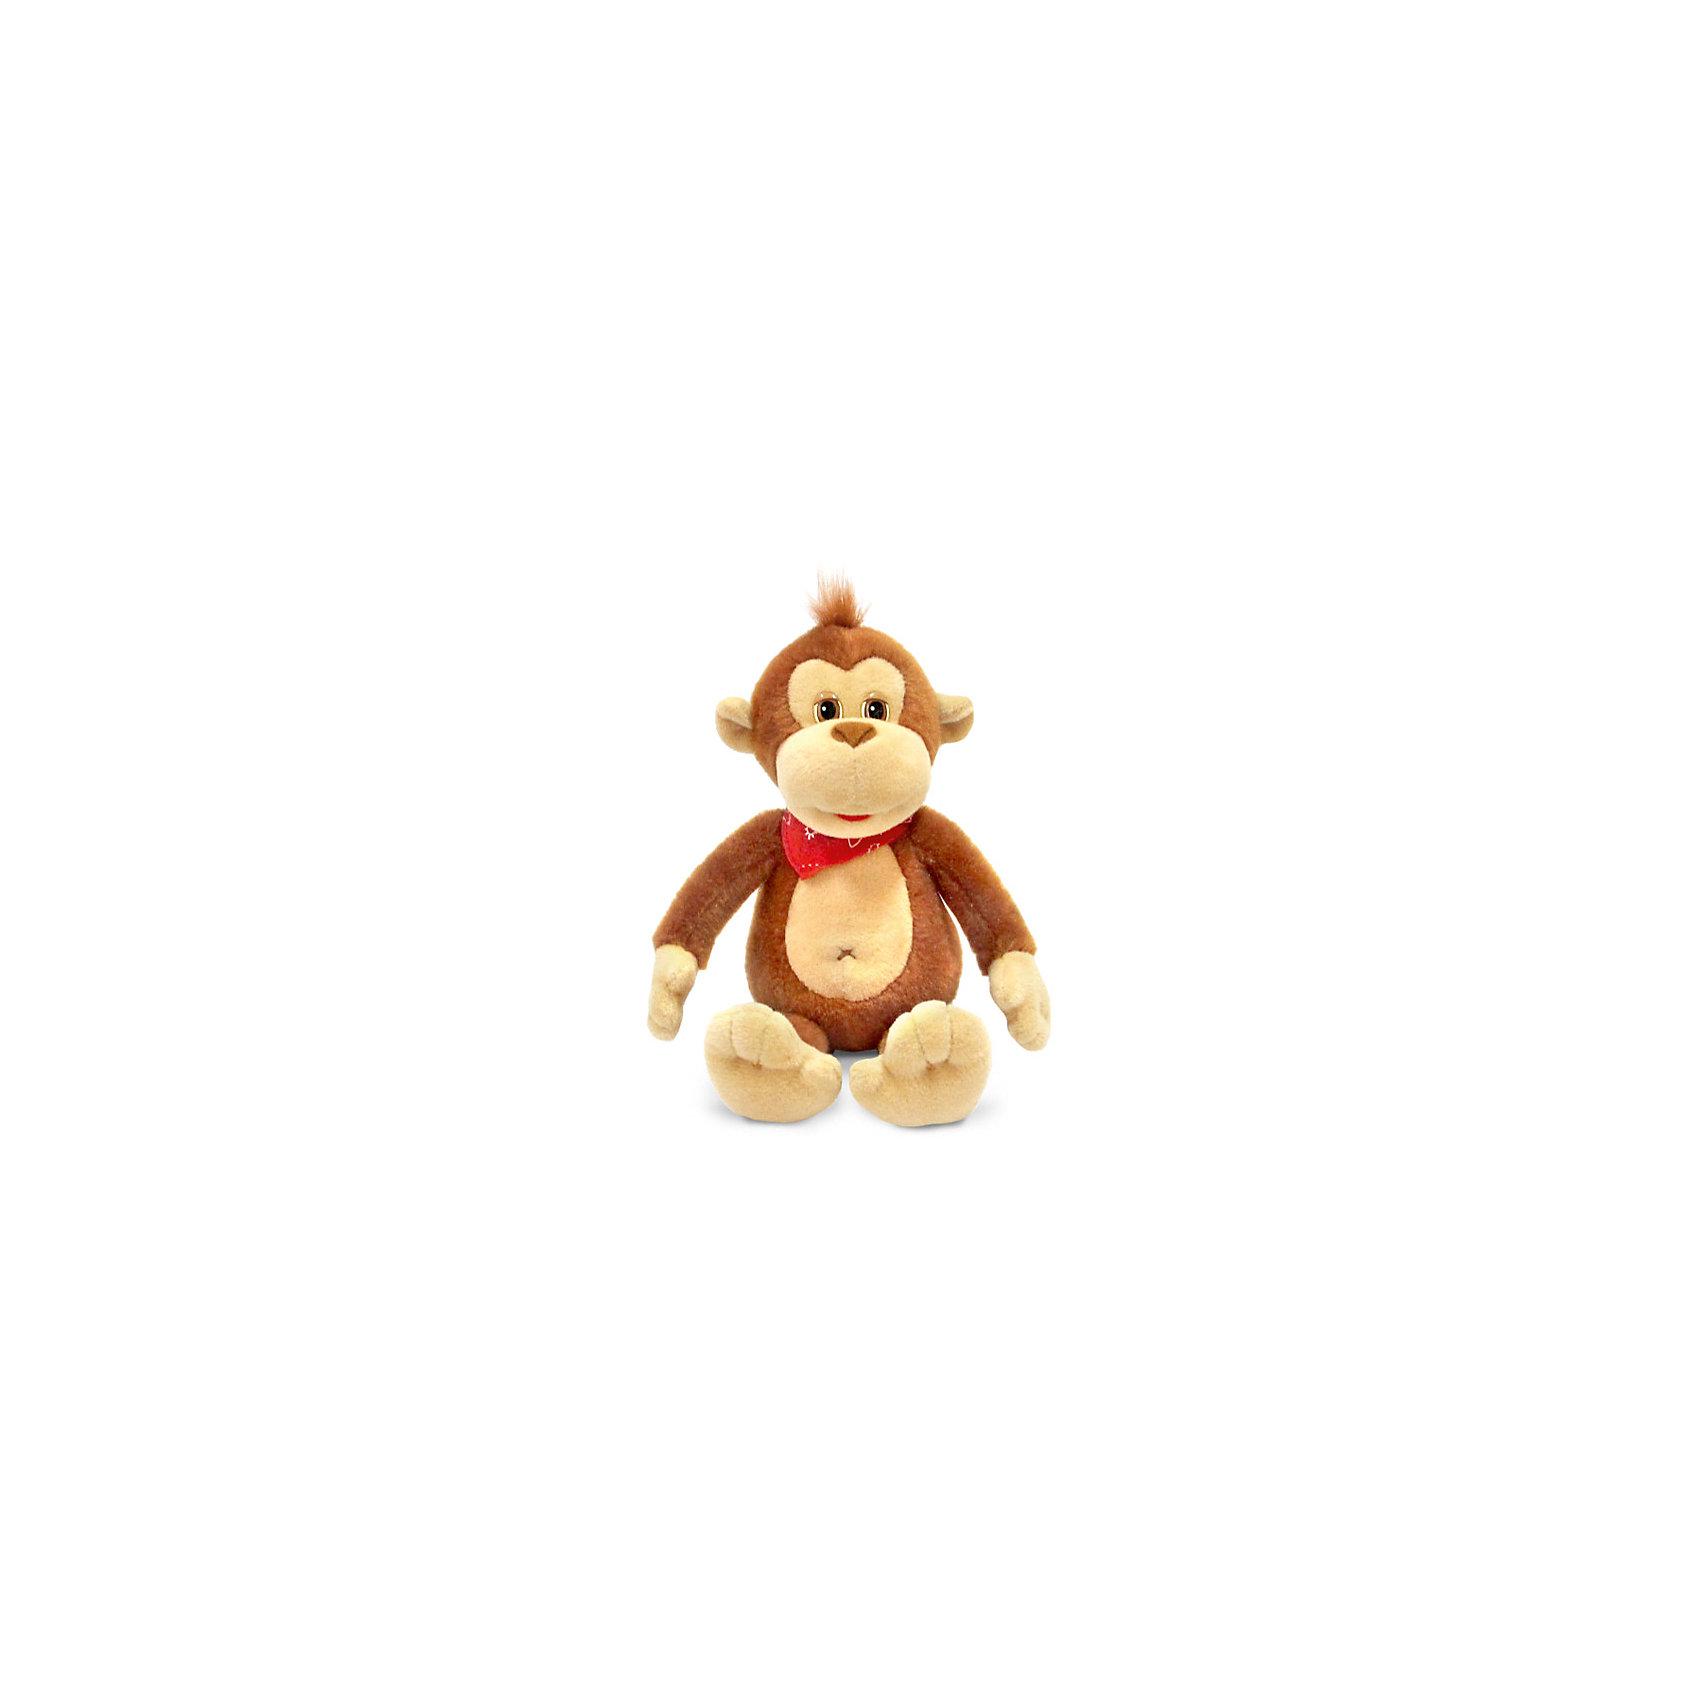 Обезьянка Рокки, музыкальная, 16см., LAVAОзвученные мягкие игрушки<br>Рокки - озорная обезьянка, которая умеет петь веселую песенку! Игрушка выполнена из высококачественных материалов, очень приятна на ощупь, безопасна для детей. Прекрасный подарок на любой праздник.<br><br>Дополнительная информация:<br><br>- Материал: искусственный мех, текстиль, синтепон, пластик.<br>- Размер: 16 см. <br>- Поет песенку <br>- Элемент питания: батарейка (в комплекте).<br><br>Обезьянку Рокки, музыкального, 16 см., LAVA (ЛАВА), можно купить в нашем магазине.<br><br>Ширина мм: 150<br>Глубина мм: 150<br>Высота мм: 155<br>Вес г: 79<br>Возраст от месяцев: 36<br>Возраст до месяцев: 1188<br>Пол: Унисекс<br>Возраст: Детский<br>SKU: 4444194